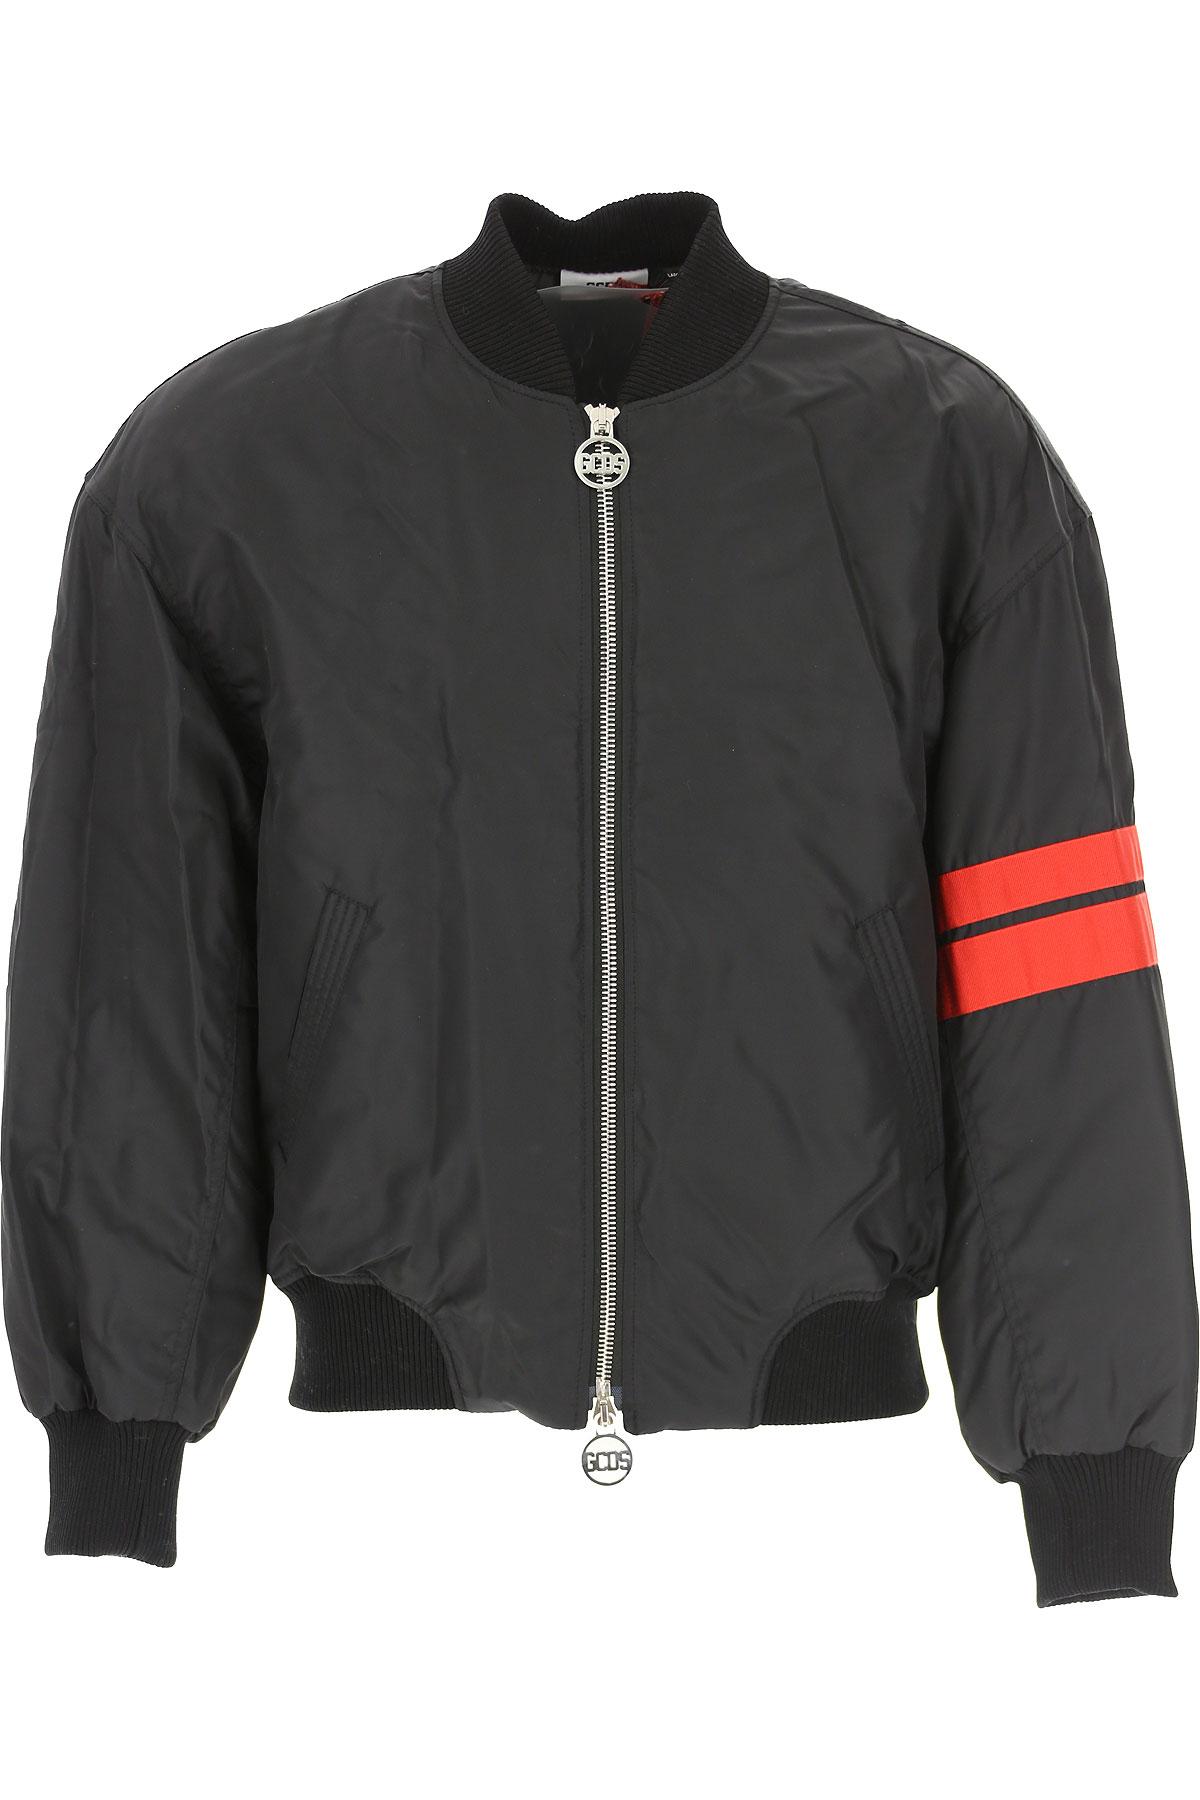 GCDS Jacket for Men On Sale, Black, polyamide, 2019, L M S